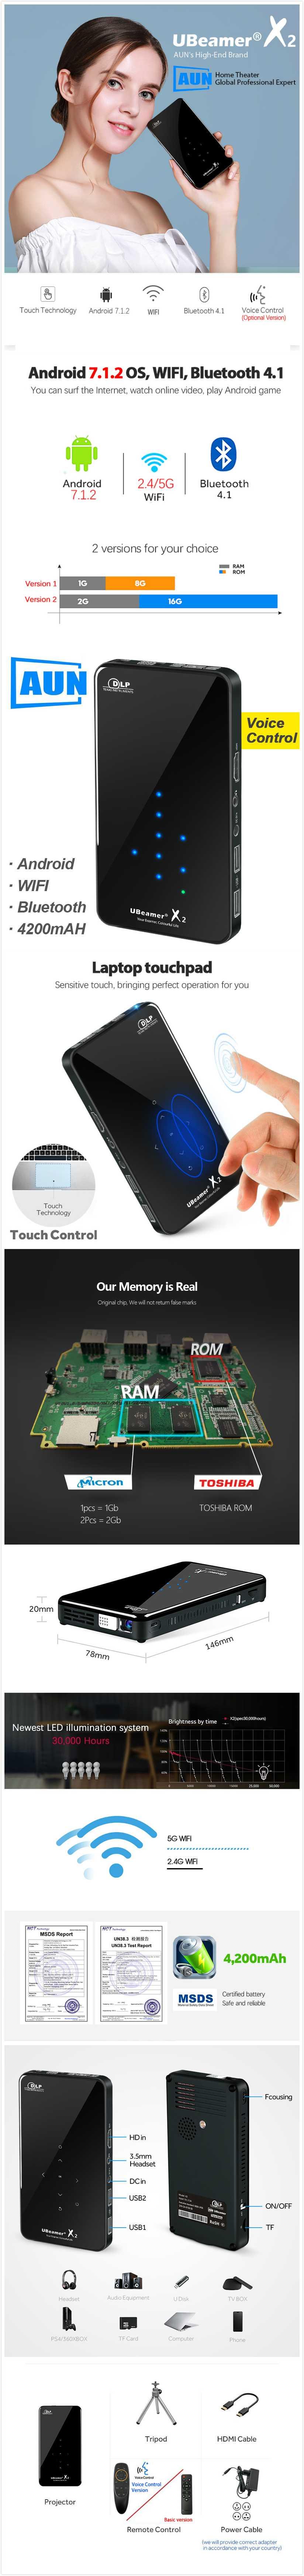 Портативный проектор aun x3: обзор, характеристики